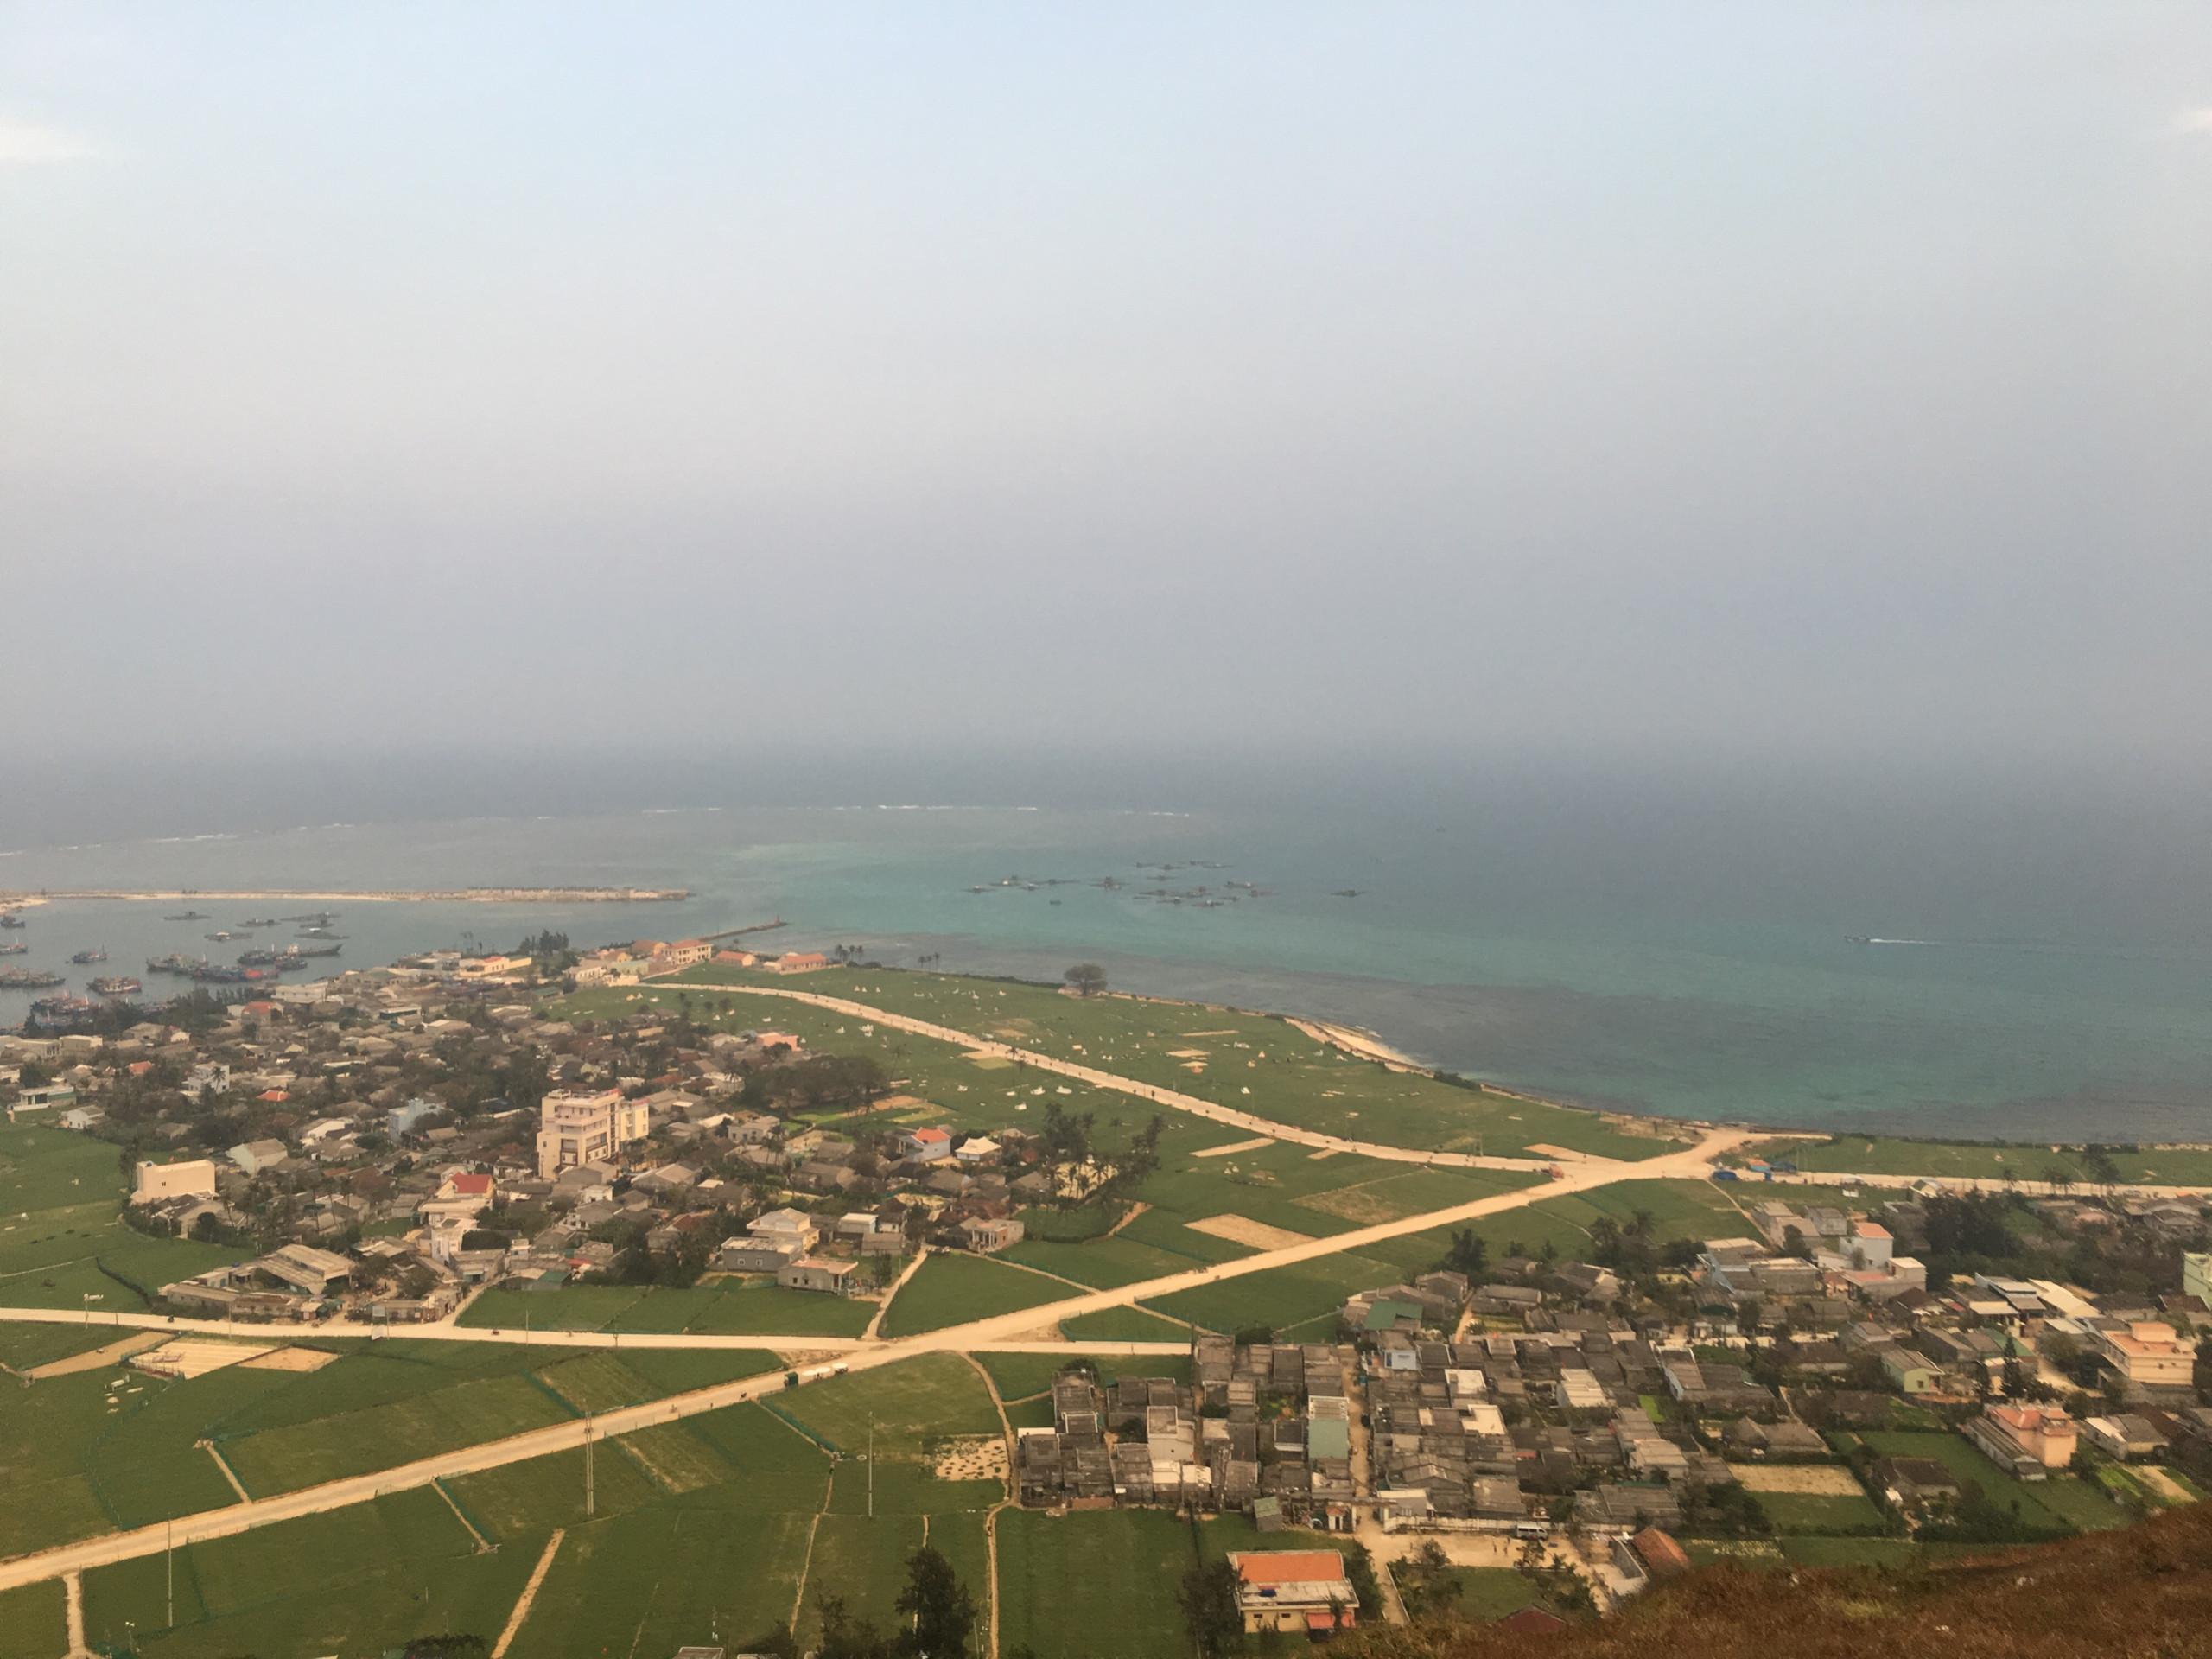 Khung cảnh huyện đảo Lý Sơn nhìn từ trên cao xuống.